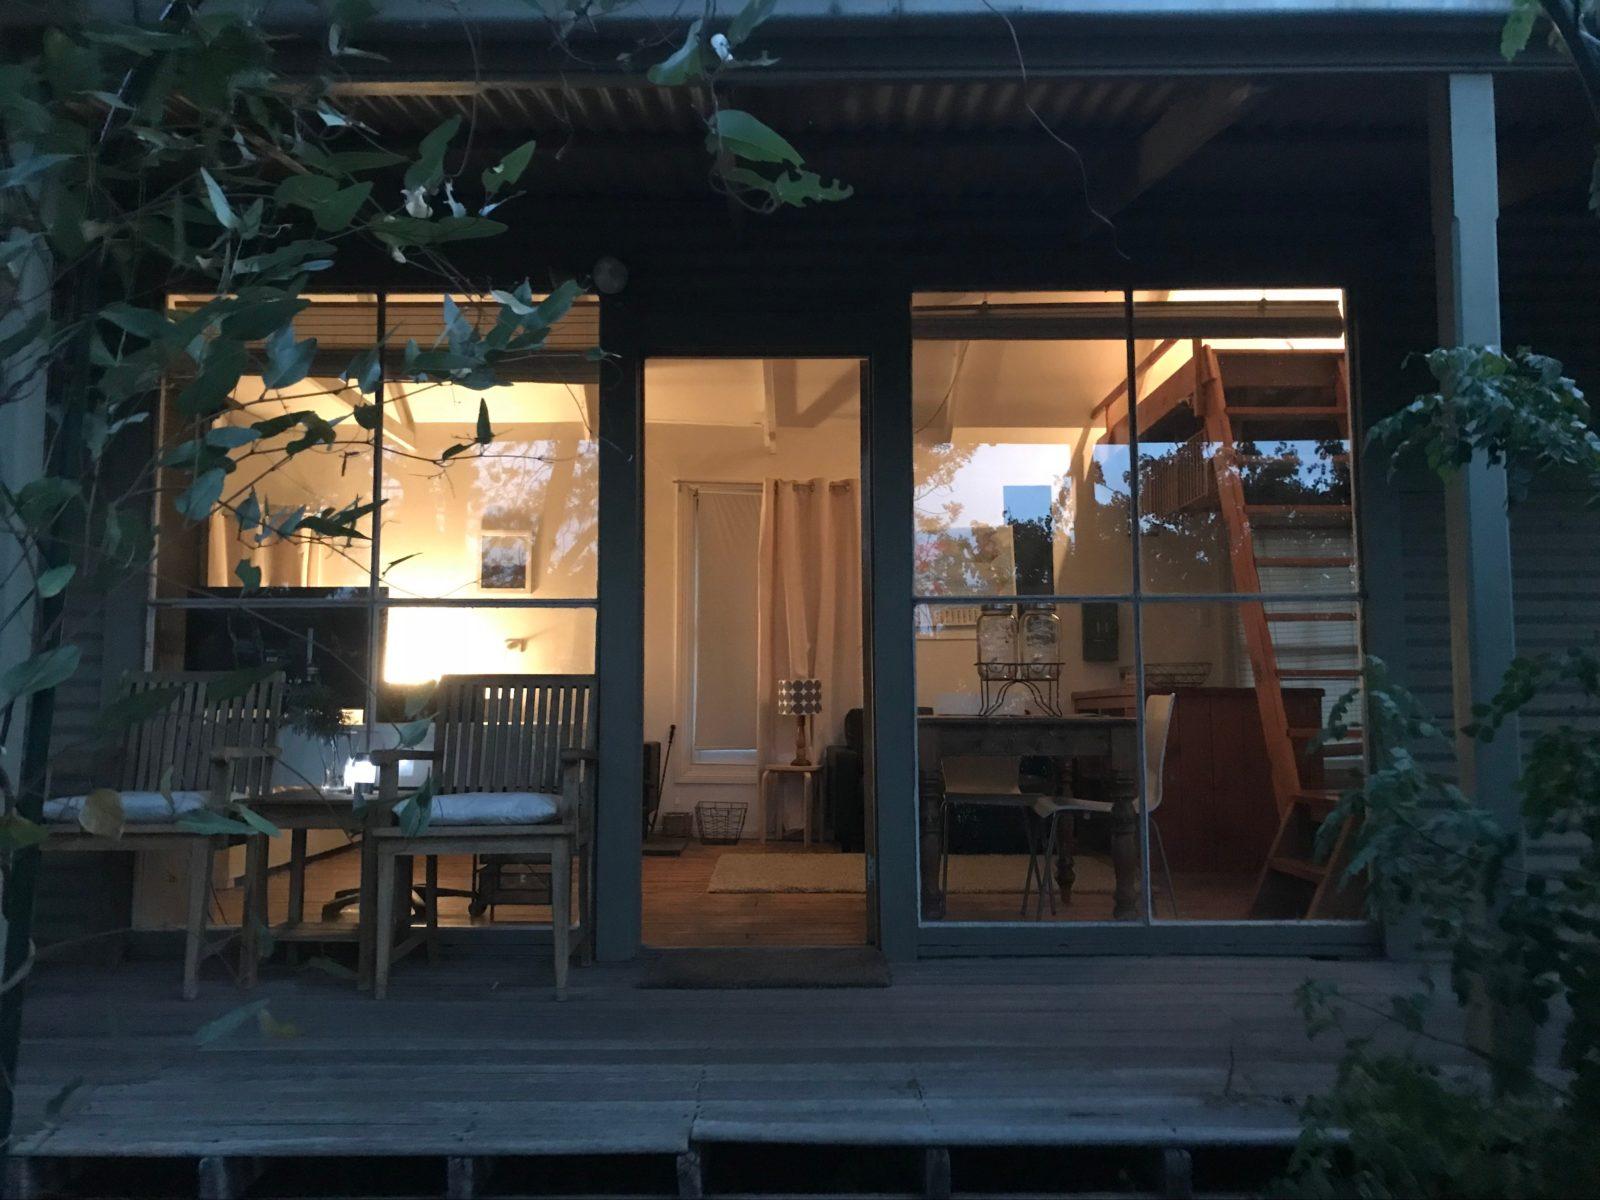 Cottage porch at dusk